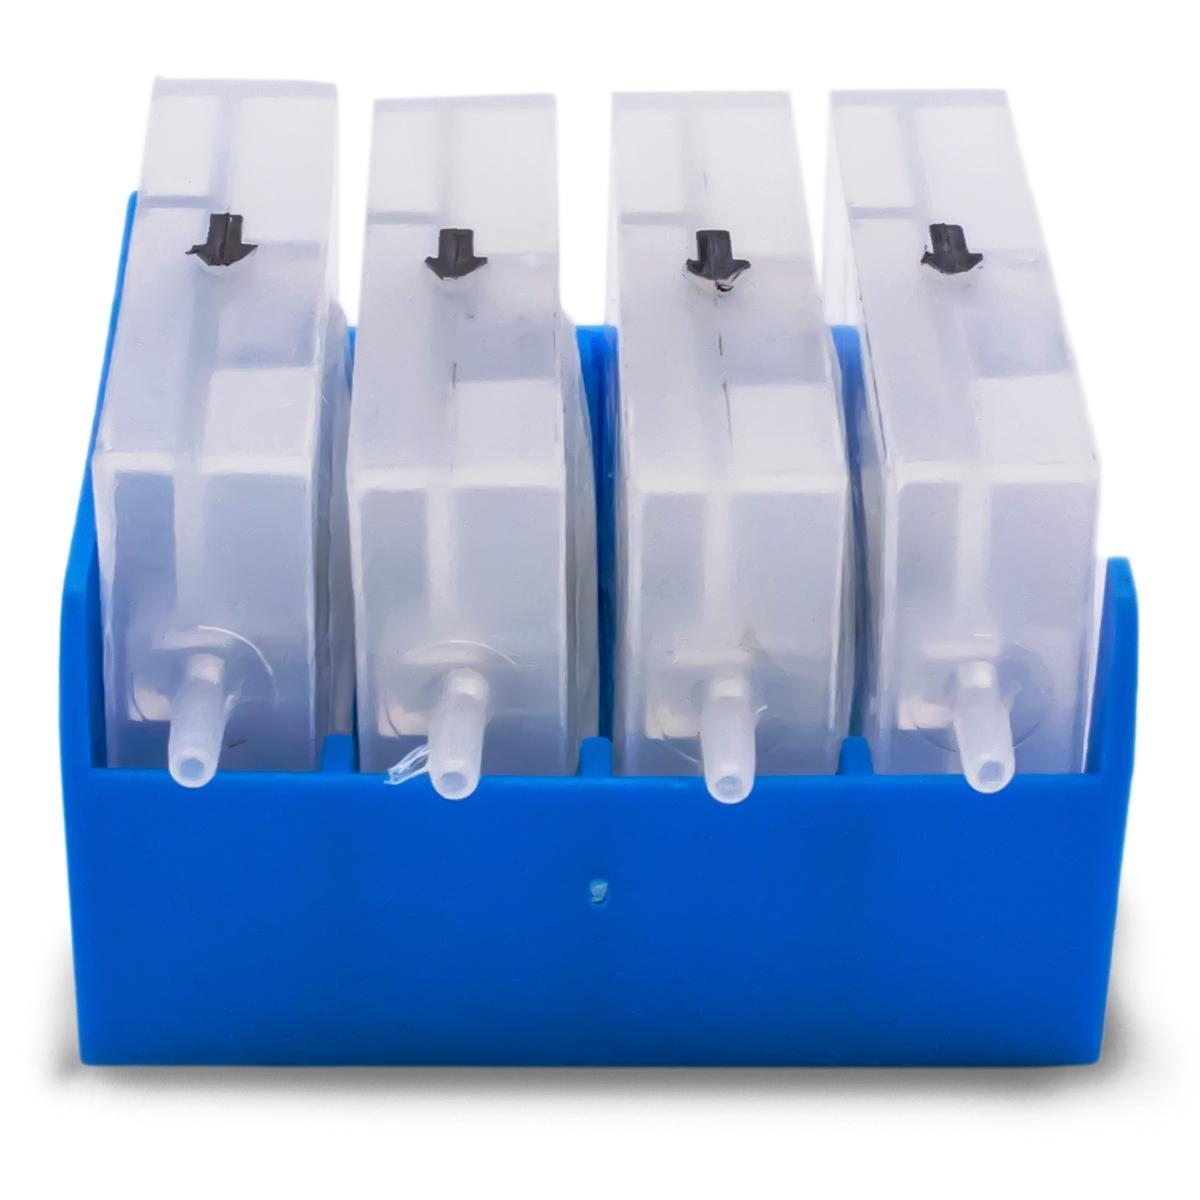 Válvula Anti-Refluxo para Bulk Ink 4 Cores - Modelo: Damper com Capa Azul